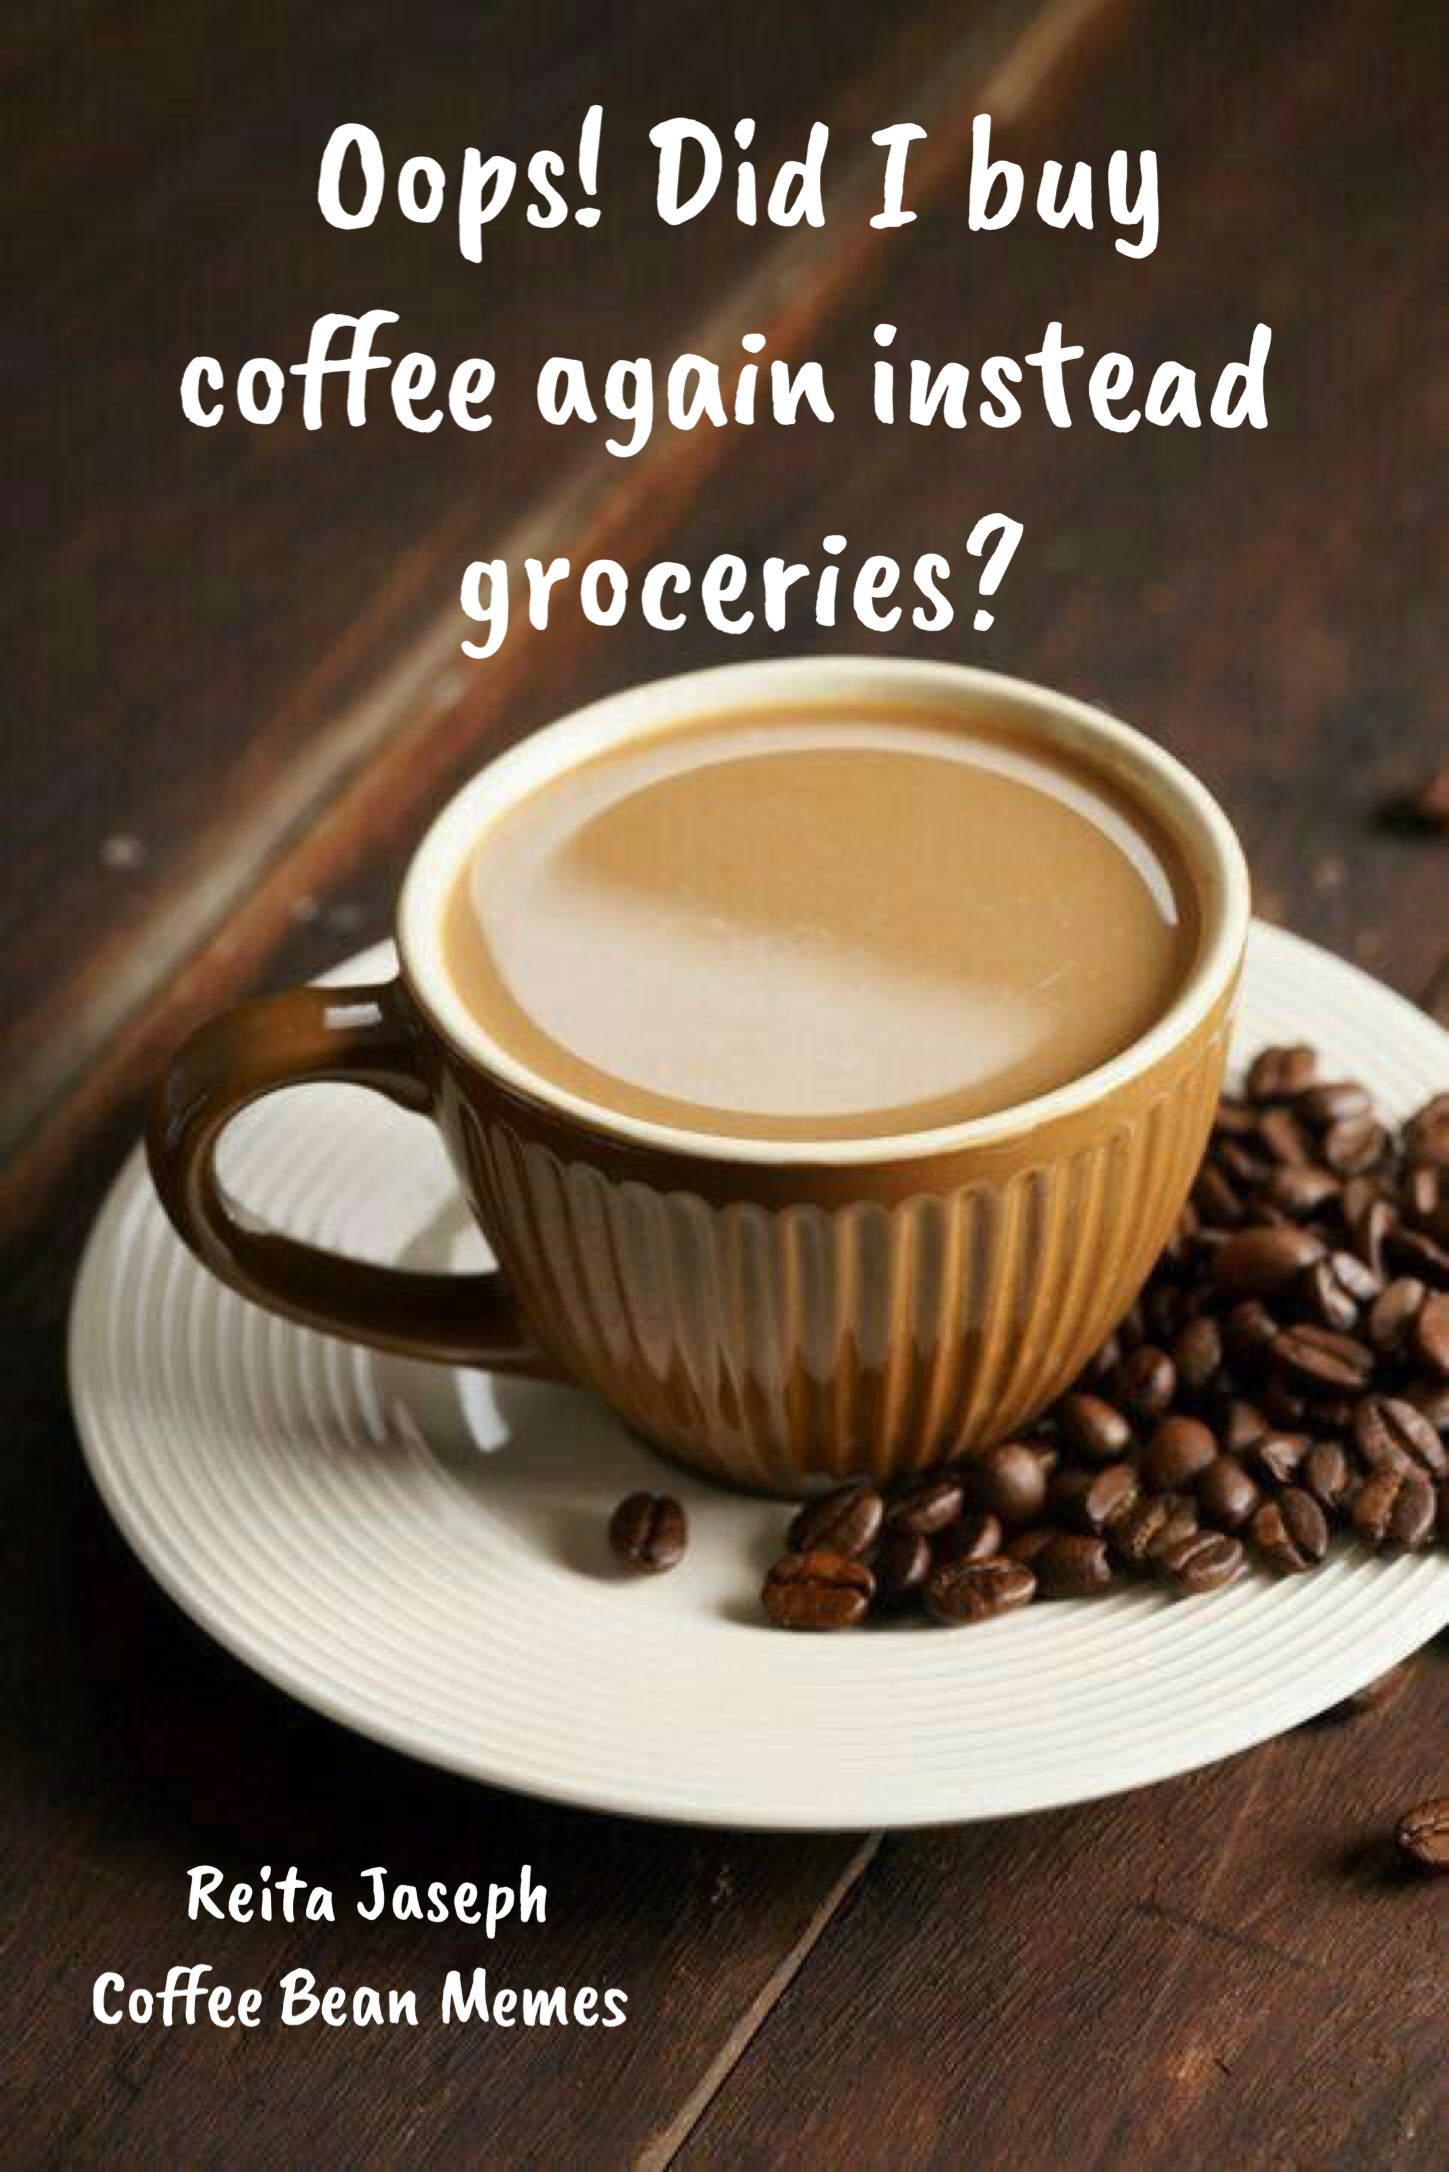 coffee #coffeebeanmemes #coffeehumor #coffeequotes | Coffee Bean ... #coffeeBean